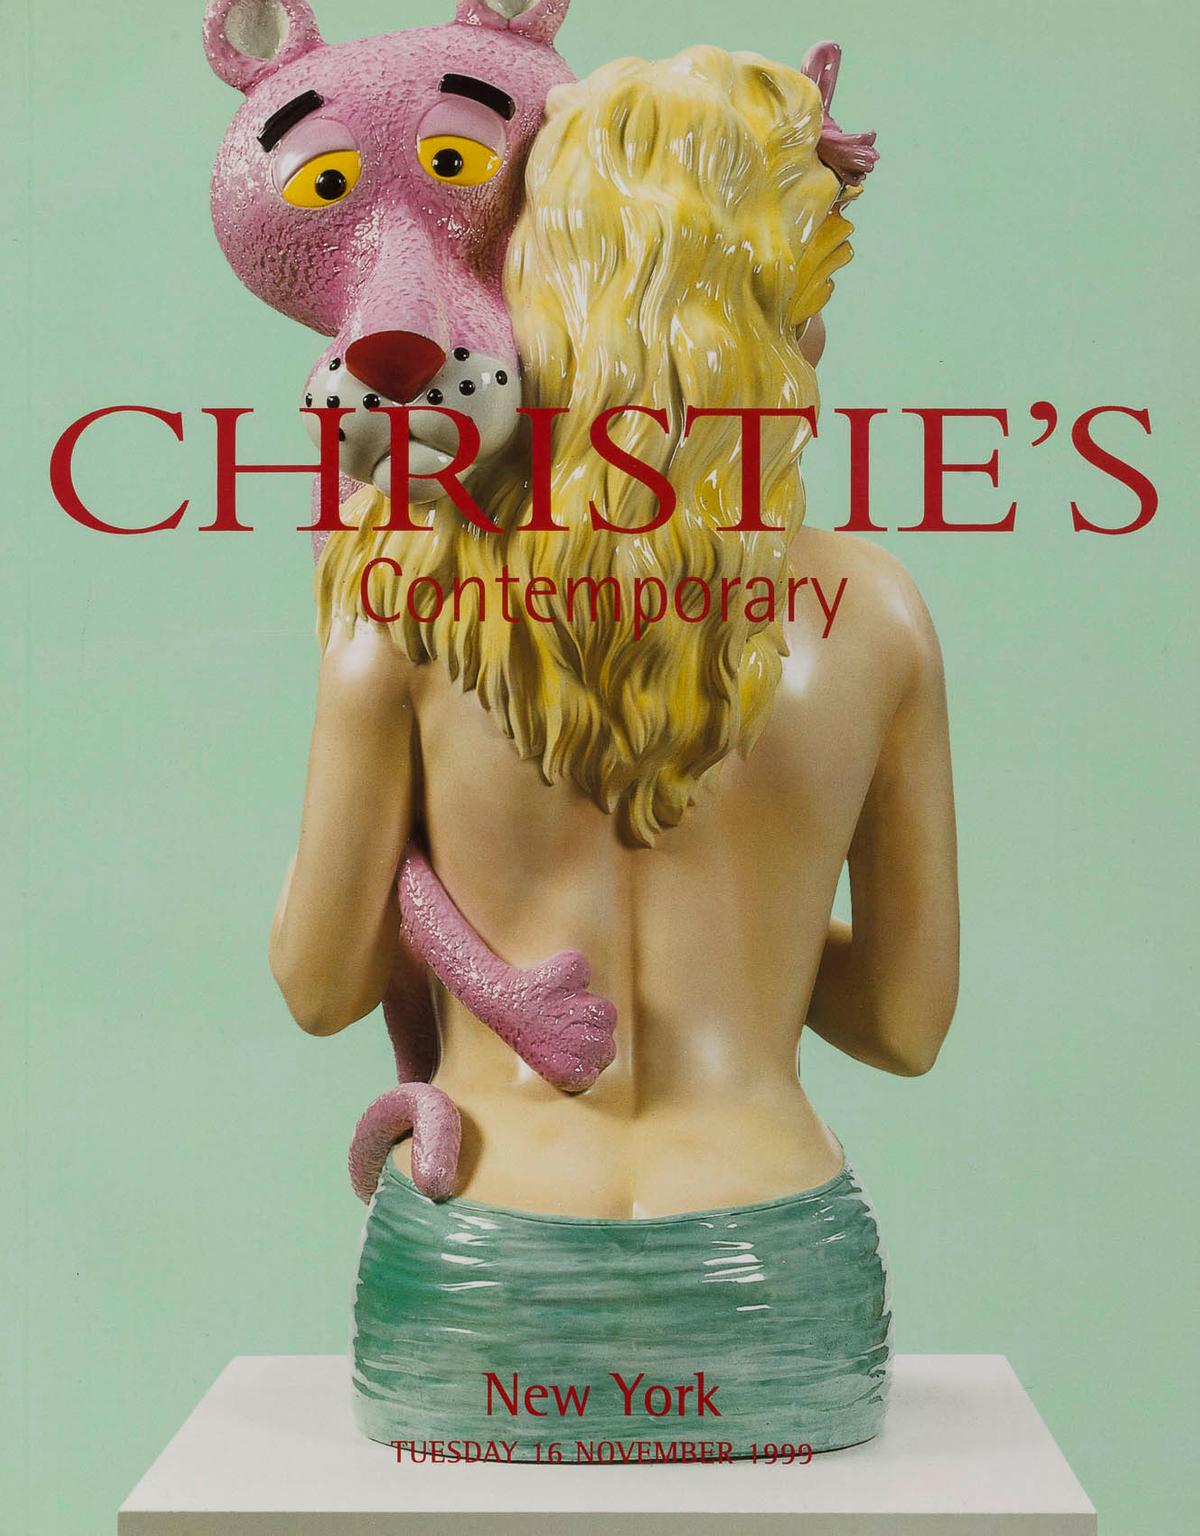 54-1999-Christies-Contemporary.jpg